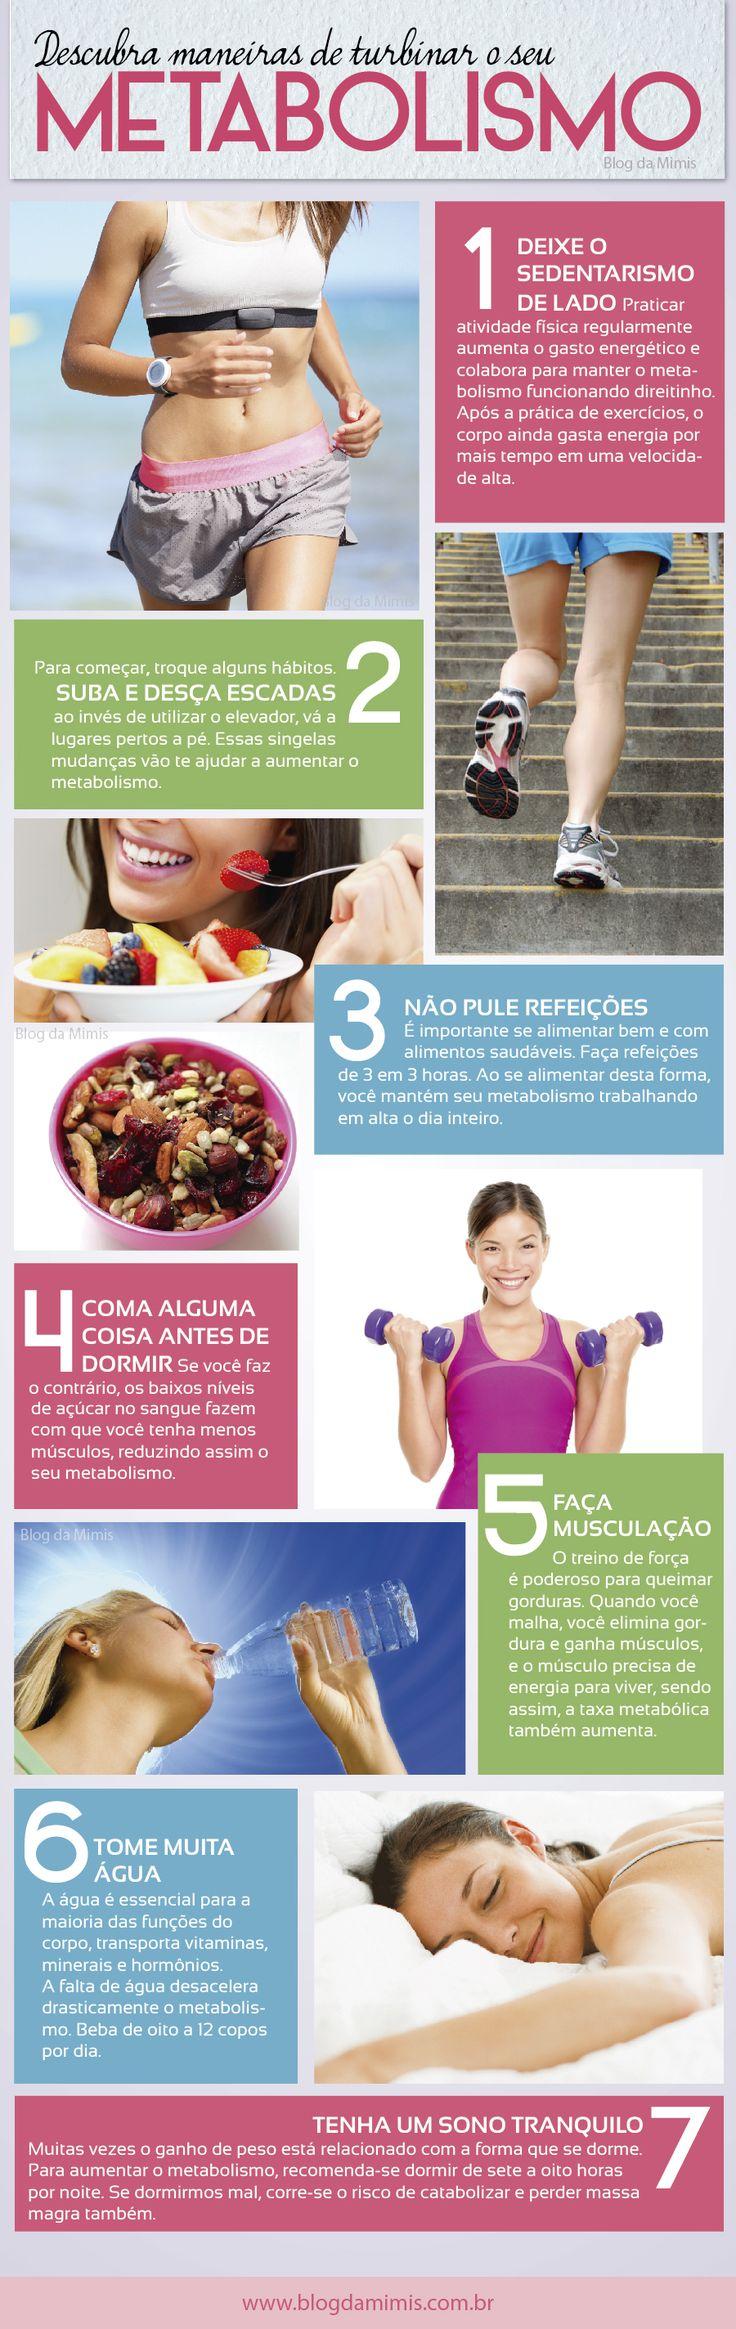 Maneiras de turbinar o metabolismo